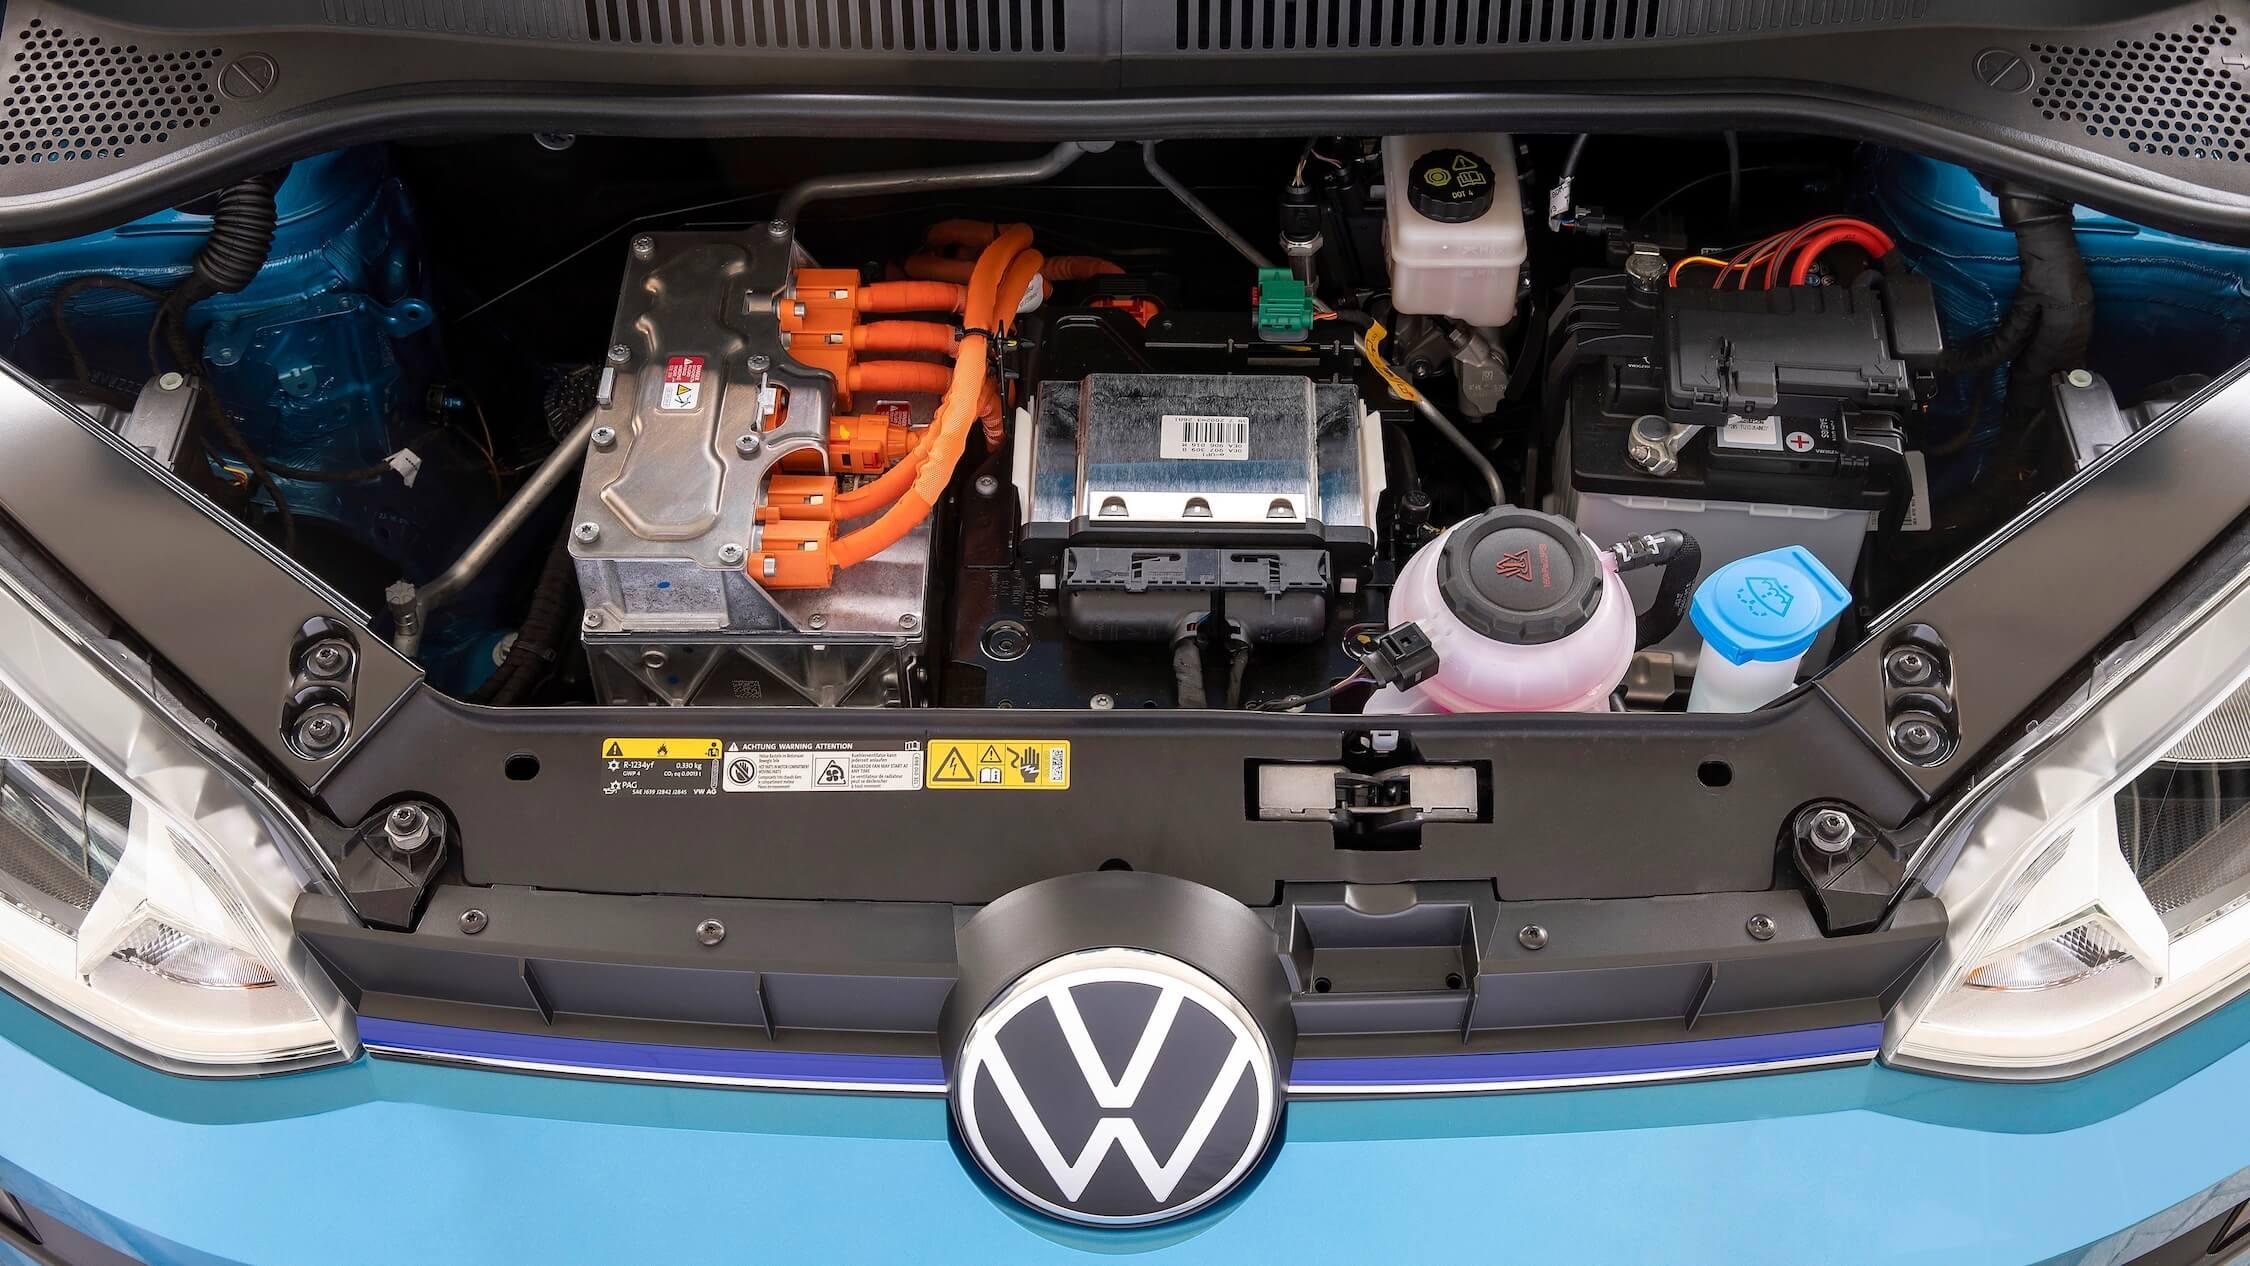 Volkswagen e Up motor